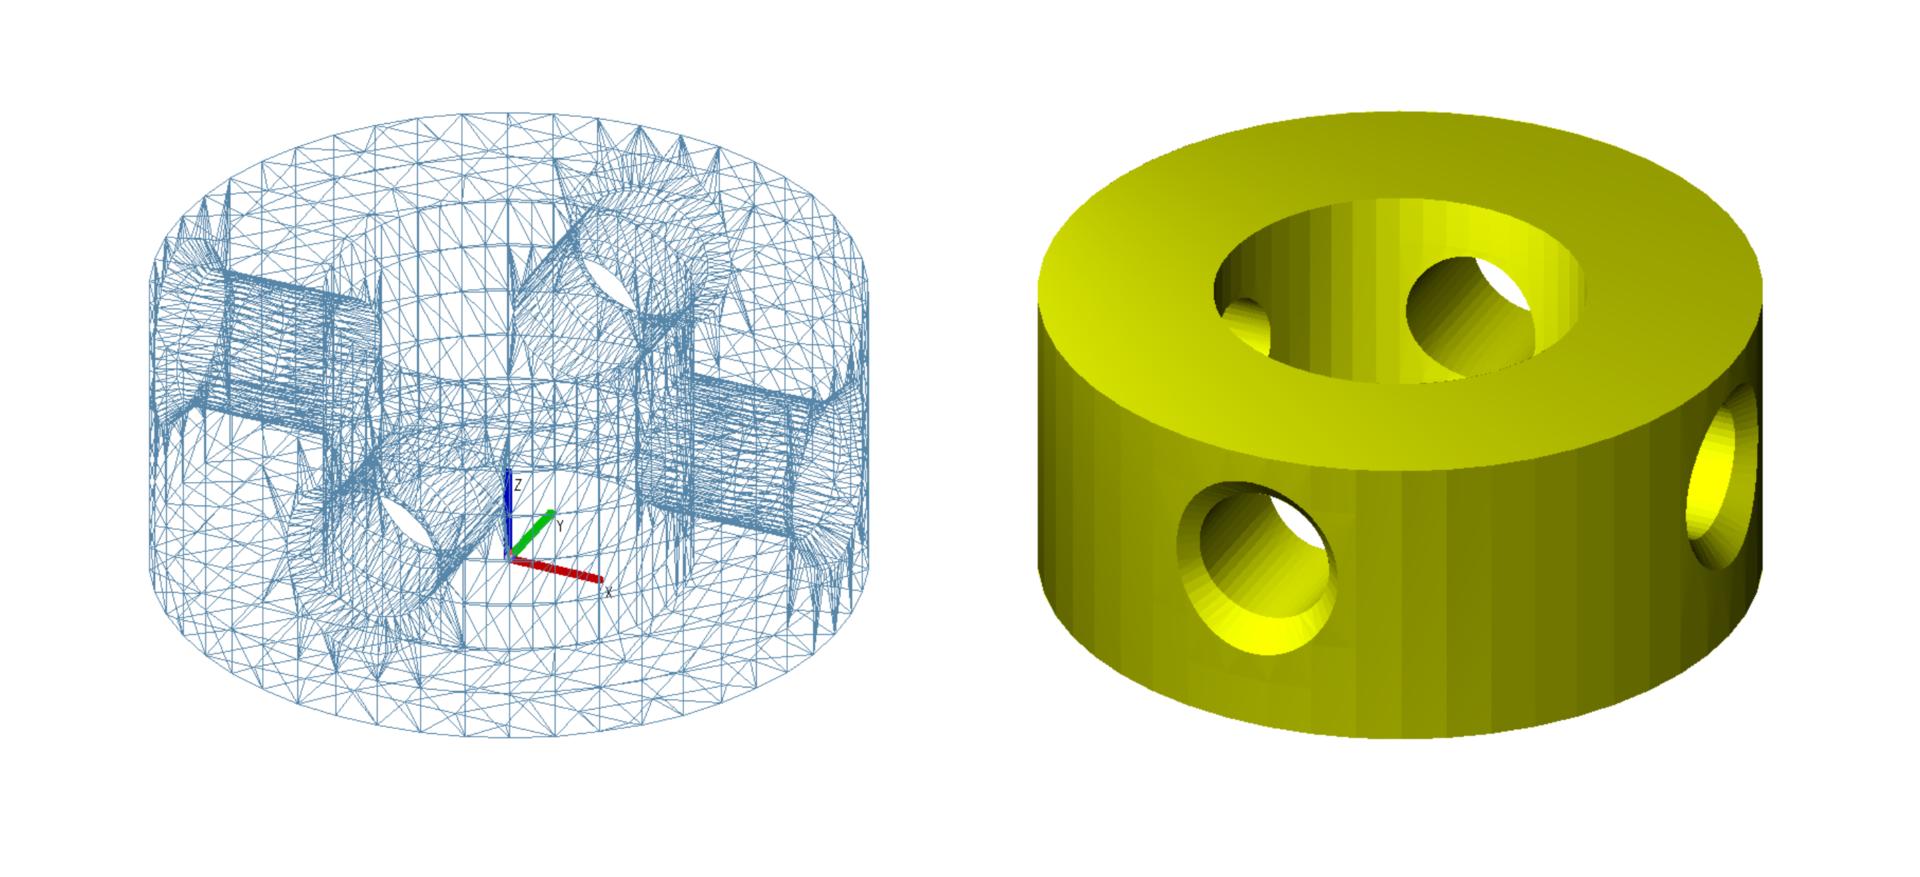 Как математическая библиотека КОМПАС-3D превратилась в C3D Toolkit для разработчиков САПР → часть 1 - 5